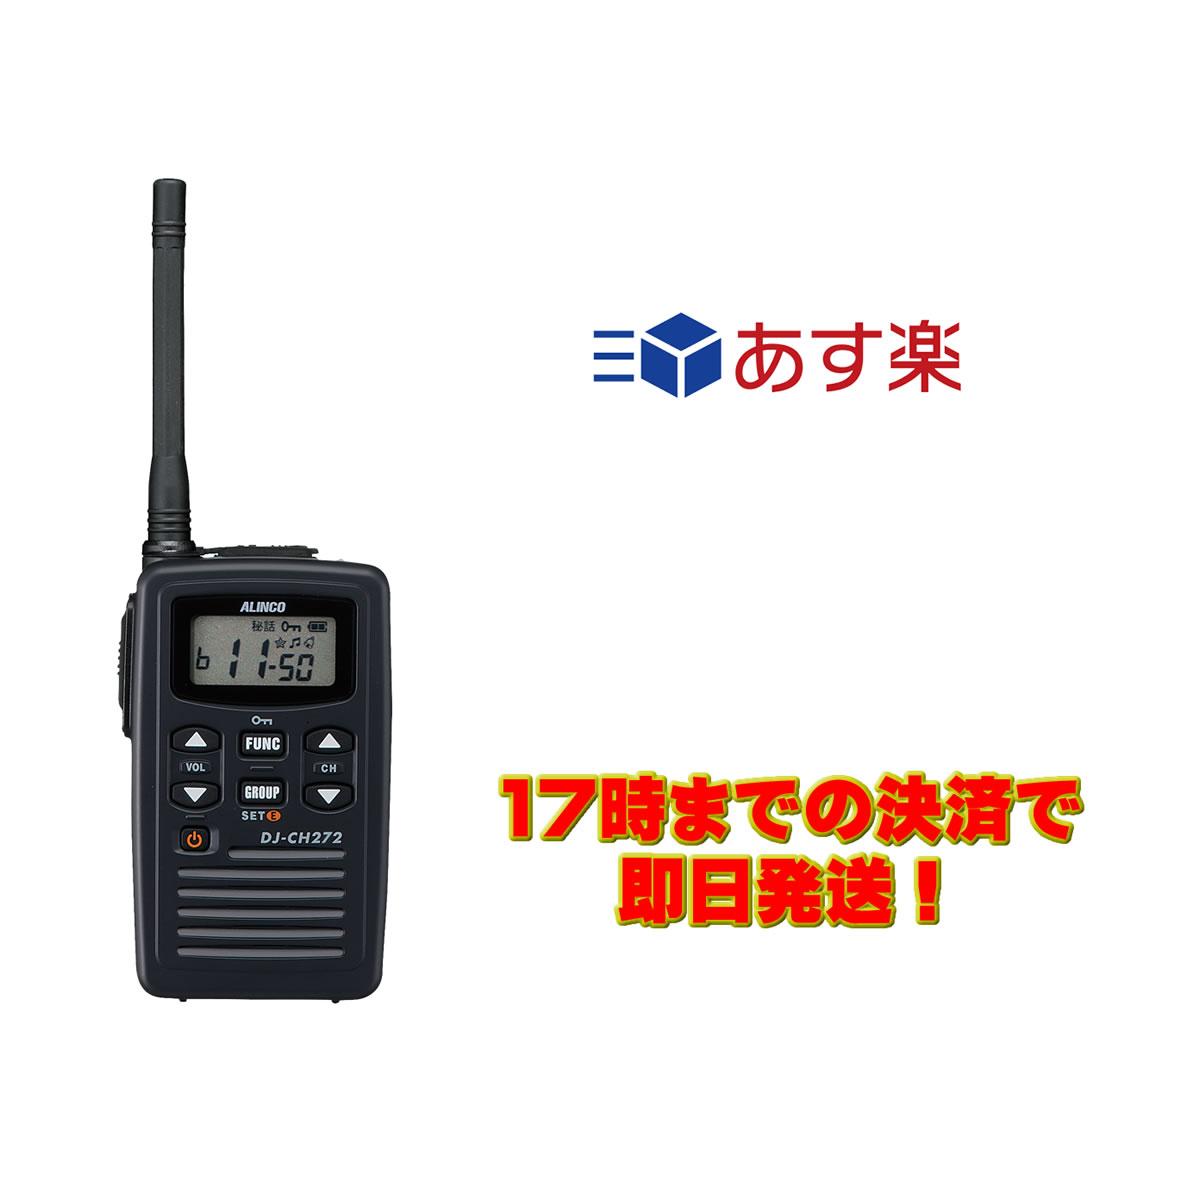 【ラッキーシール対応】 DJ-CH272M アルインコ 特定小電力トランシーバー ミドルアンテナ 単信と半複信 47ch 中継対応